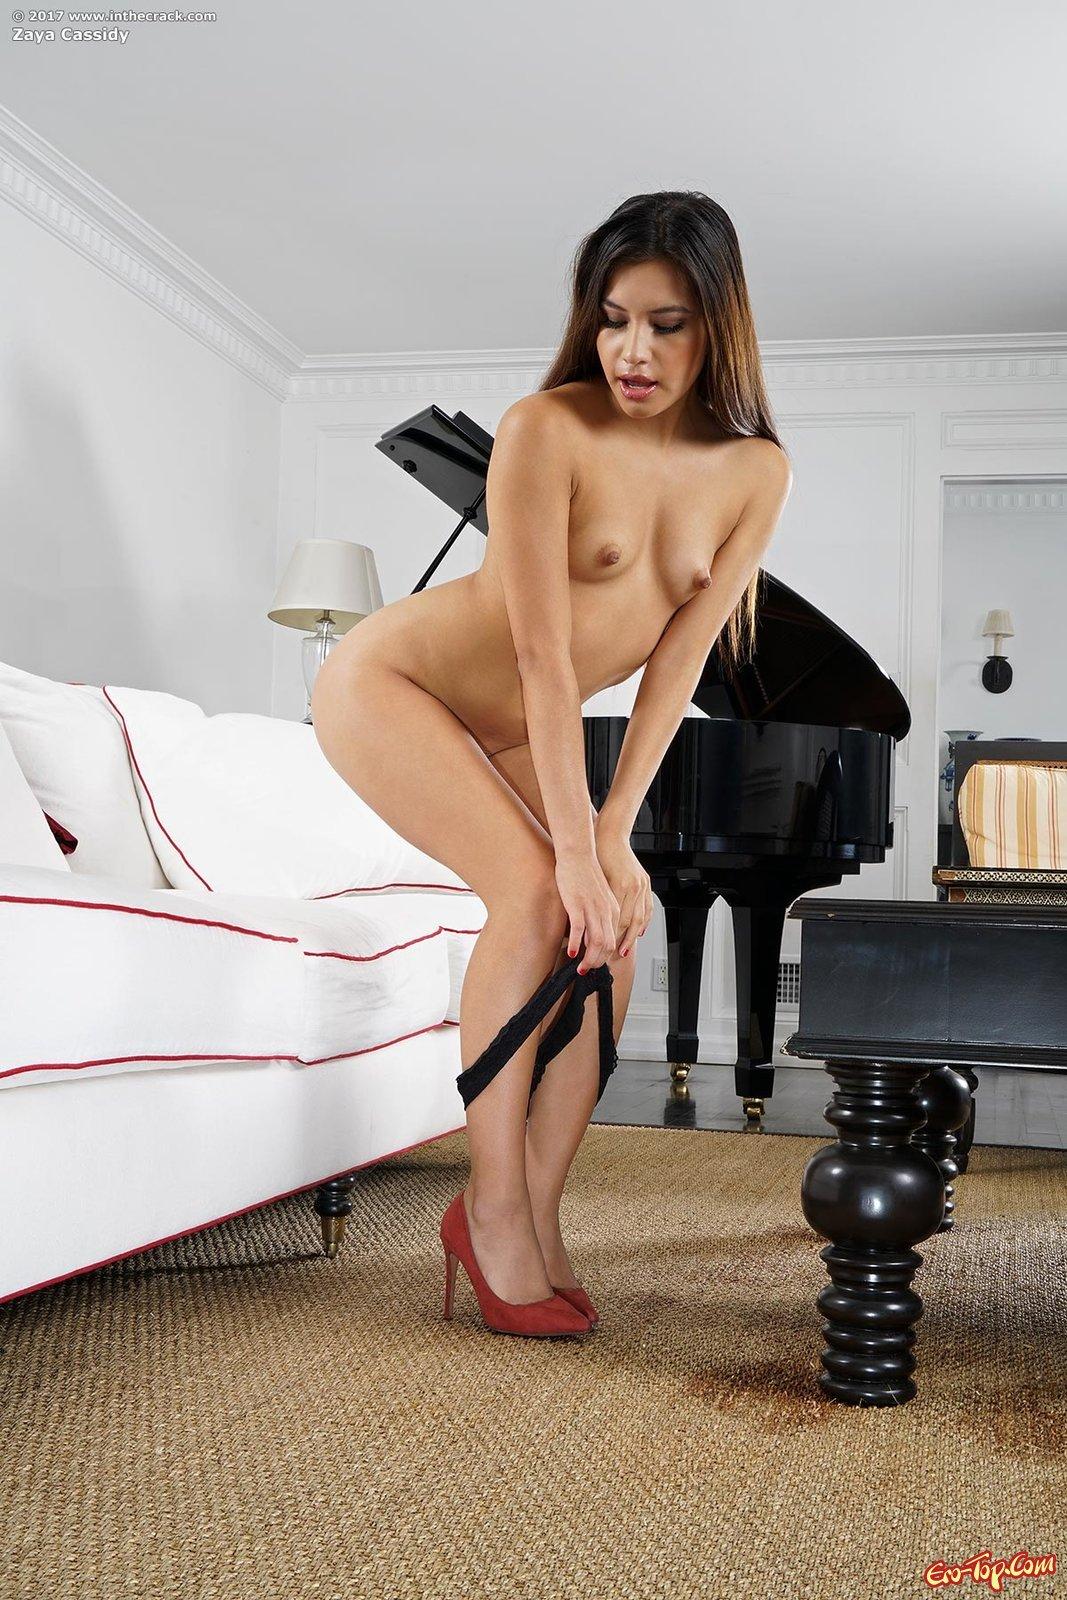 Особа женского пола в платье шалит с искуственным членом в домашних условиях